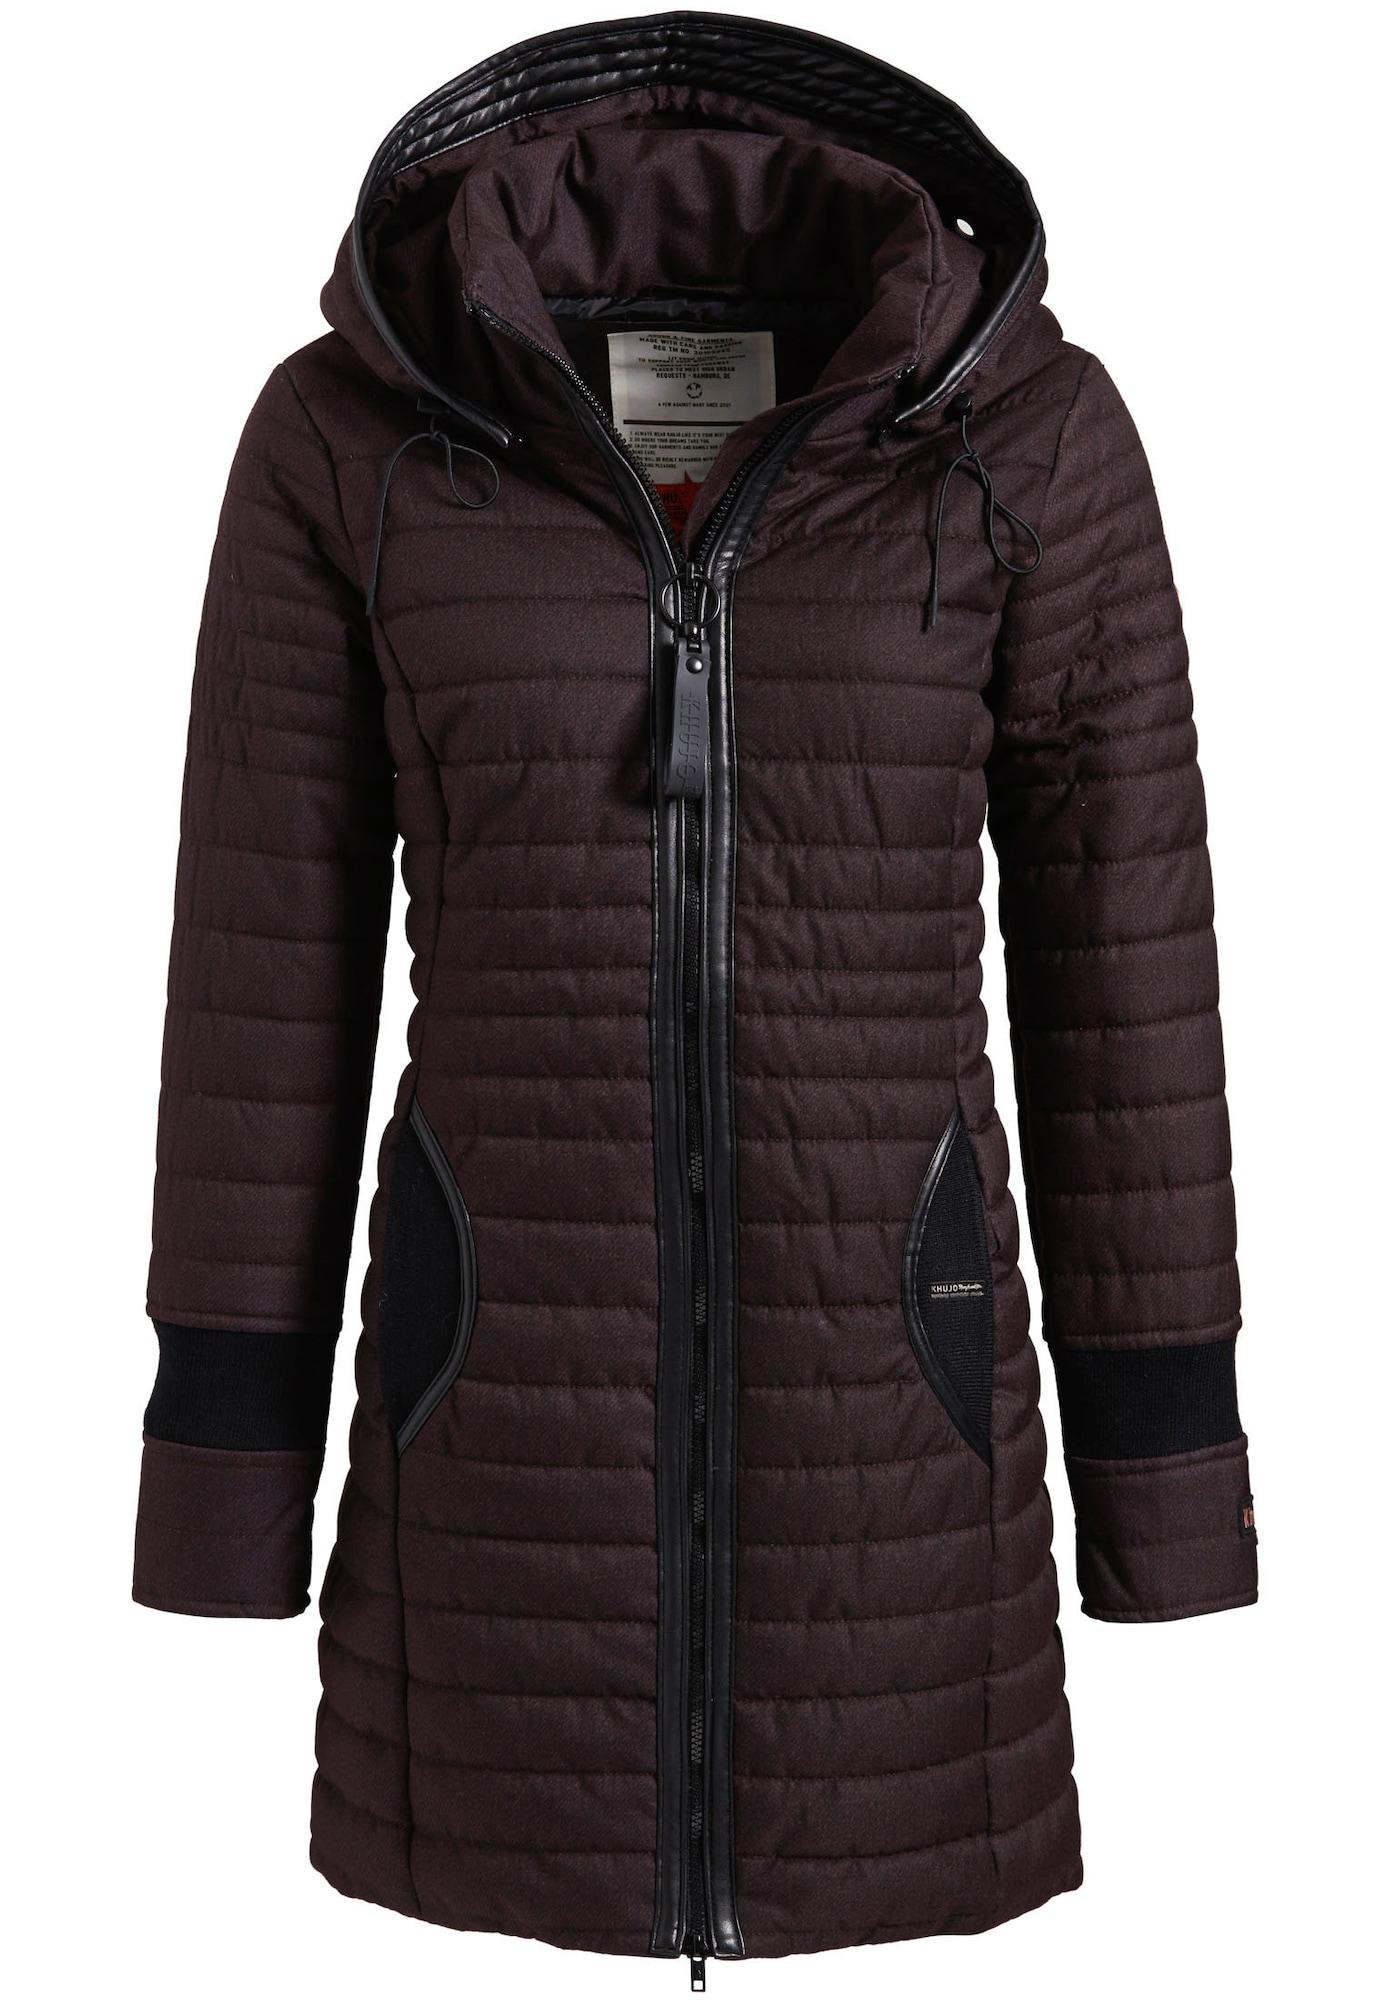 Zimní bunda DAILY2 bobule černá Khujo